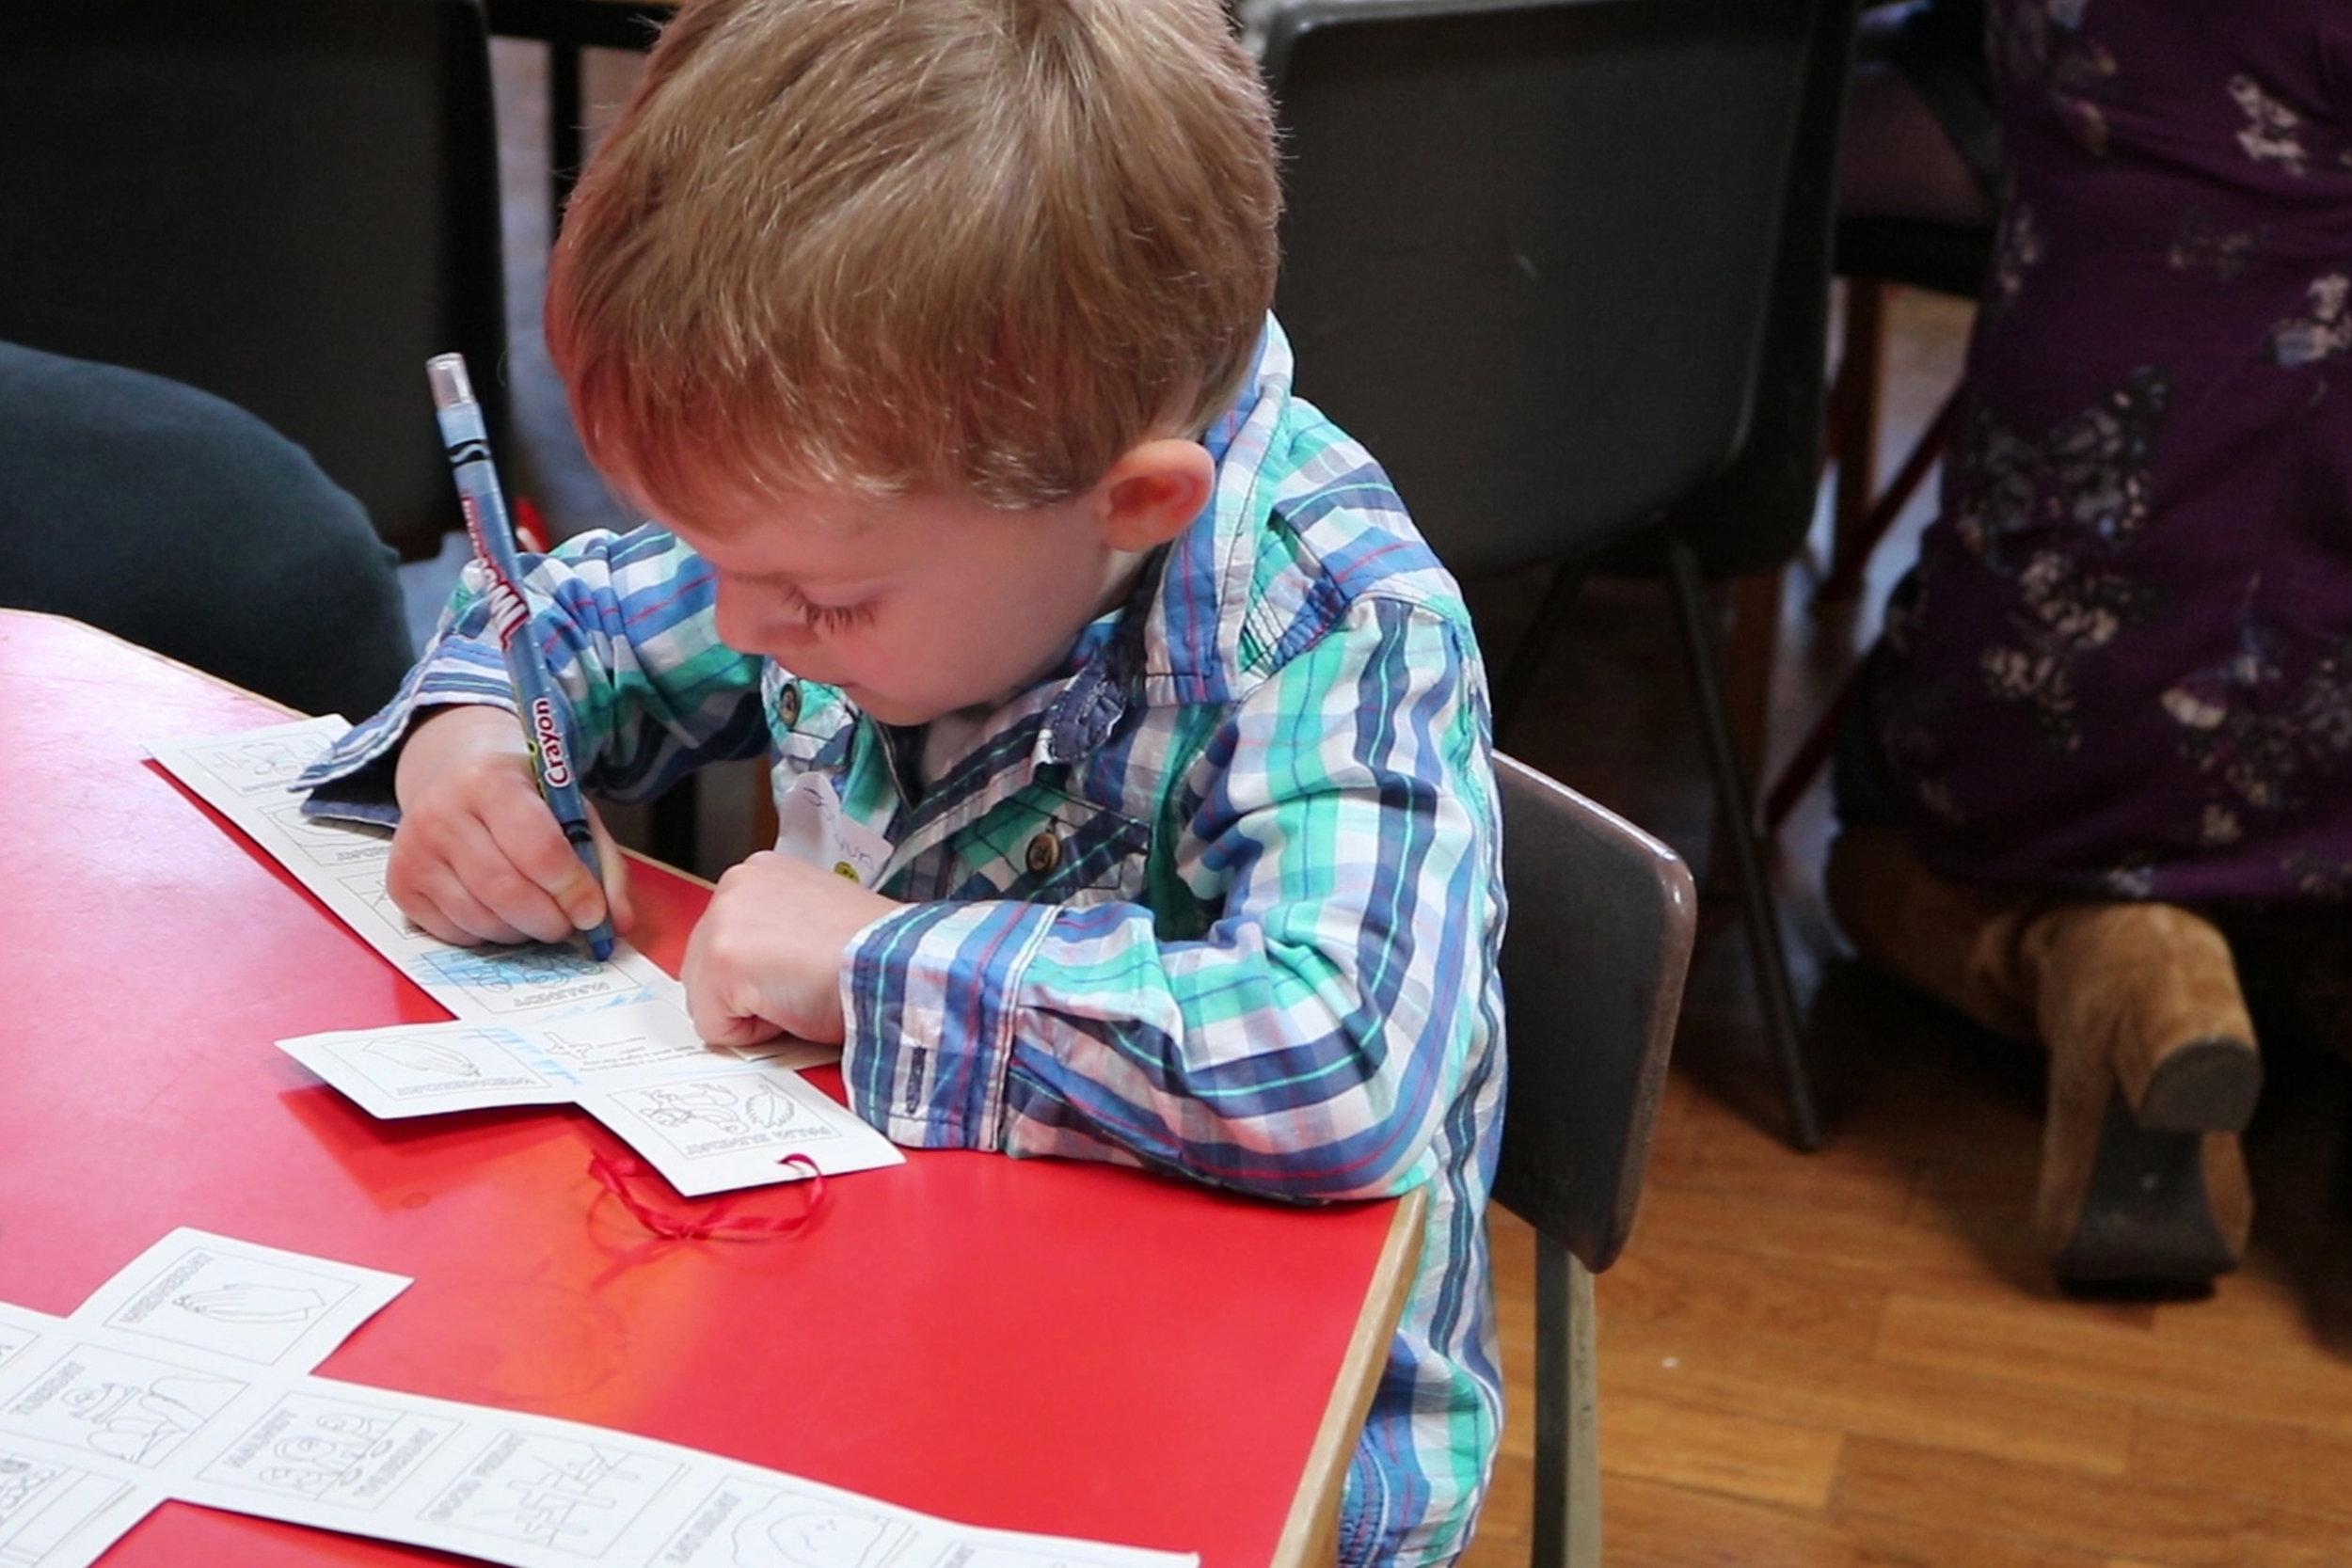 st-johns-harborne-children-colouring-web.jpg